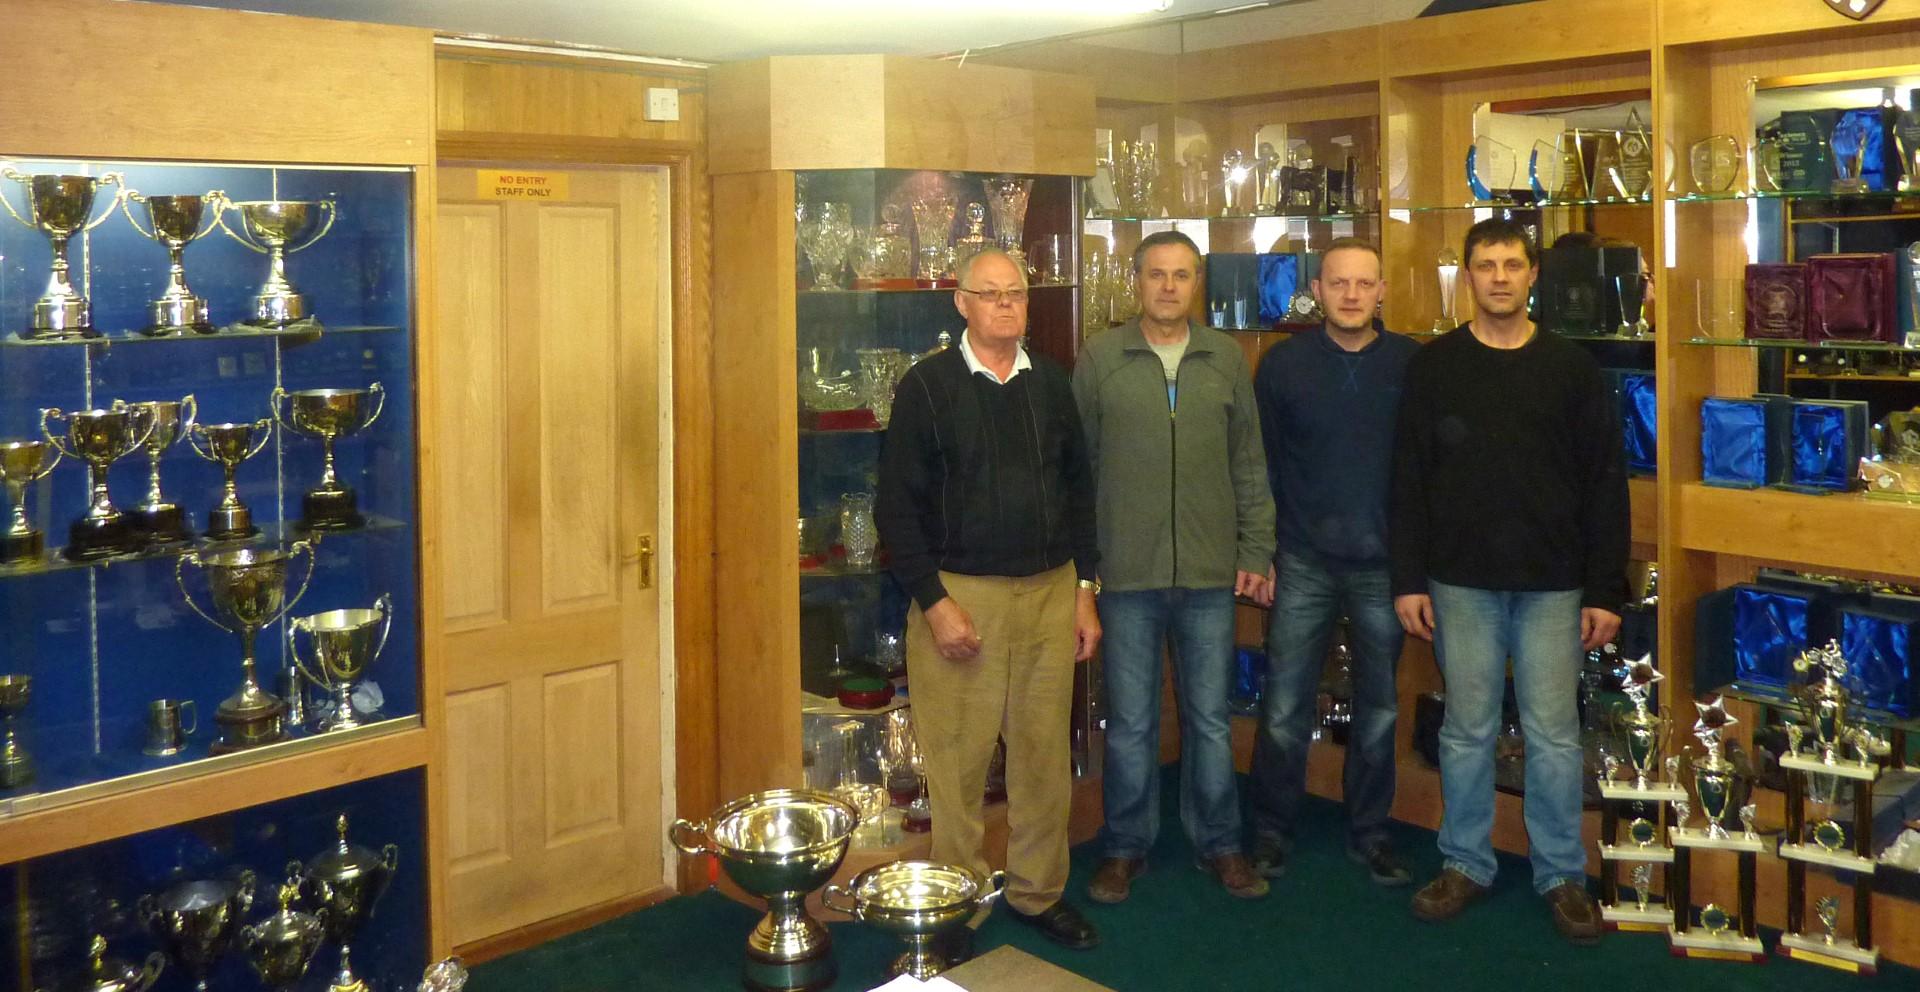 Cork Trophy Centre